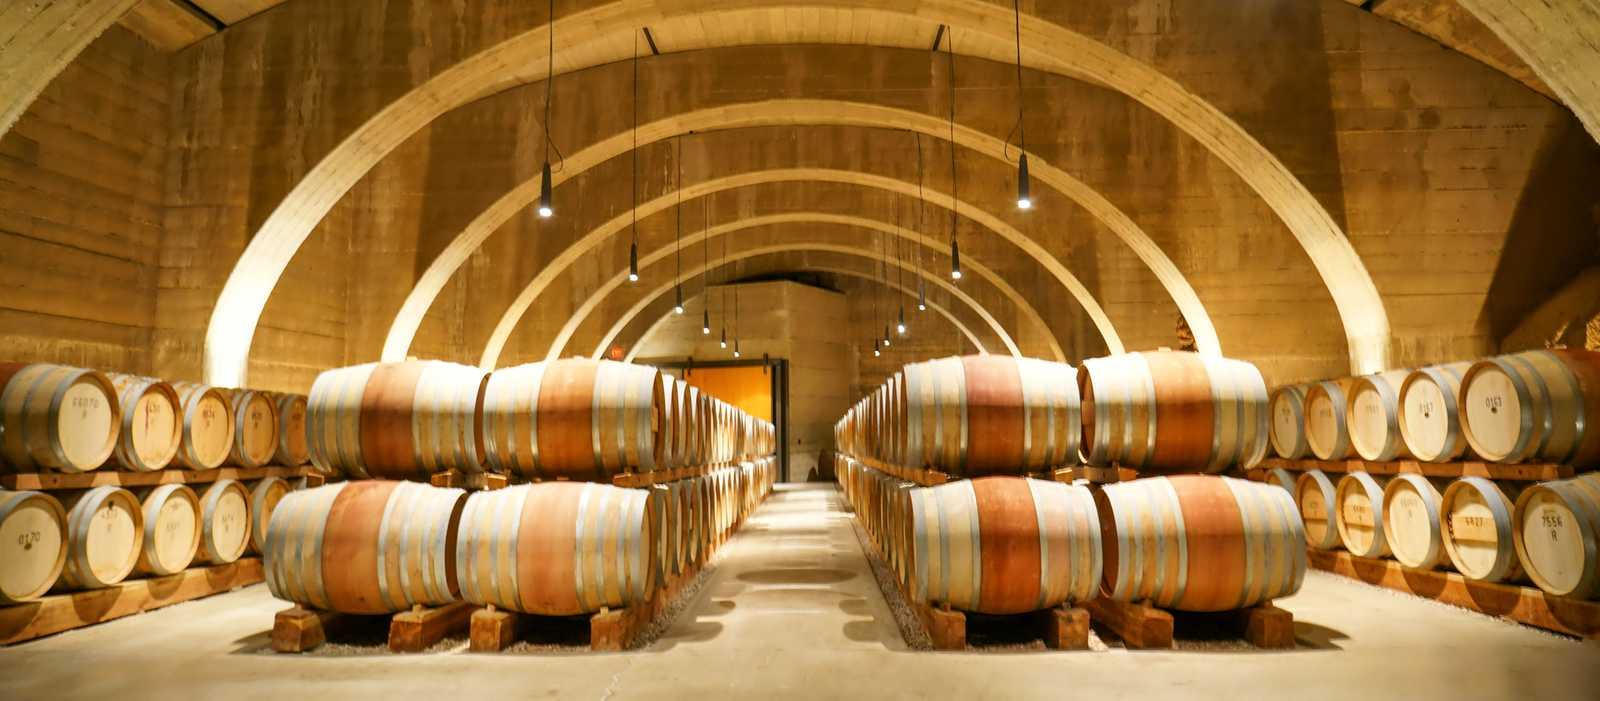 Eine Lagerhalle der Mission Hill Winery in West Kelowna in British Columbia